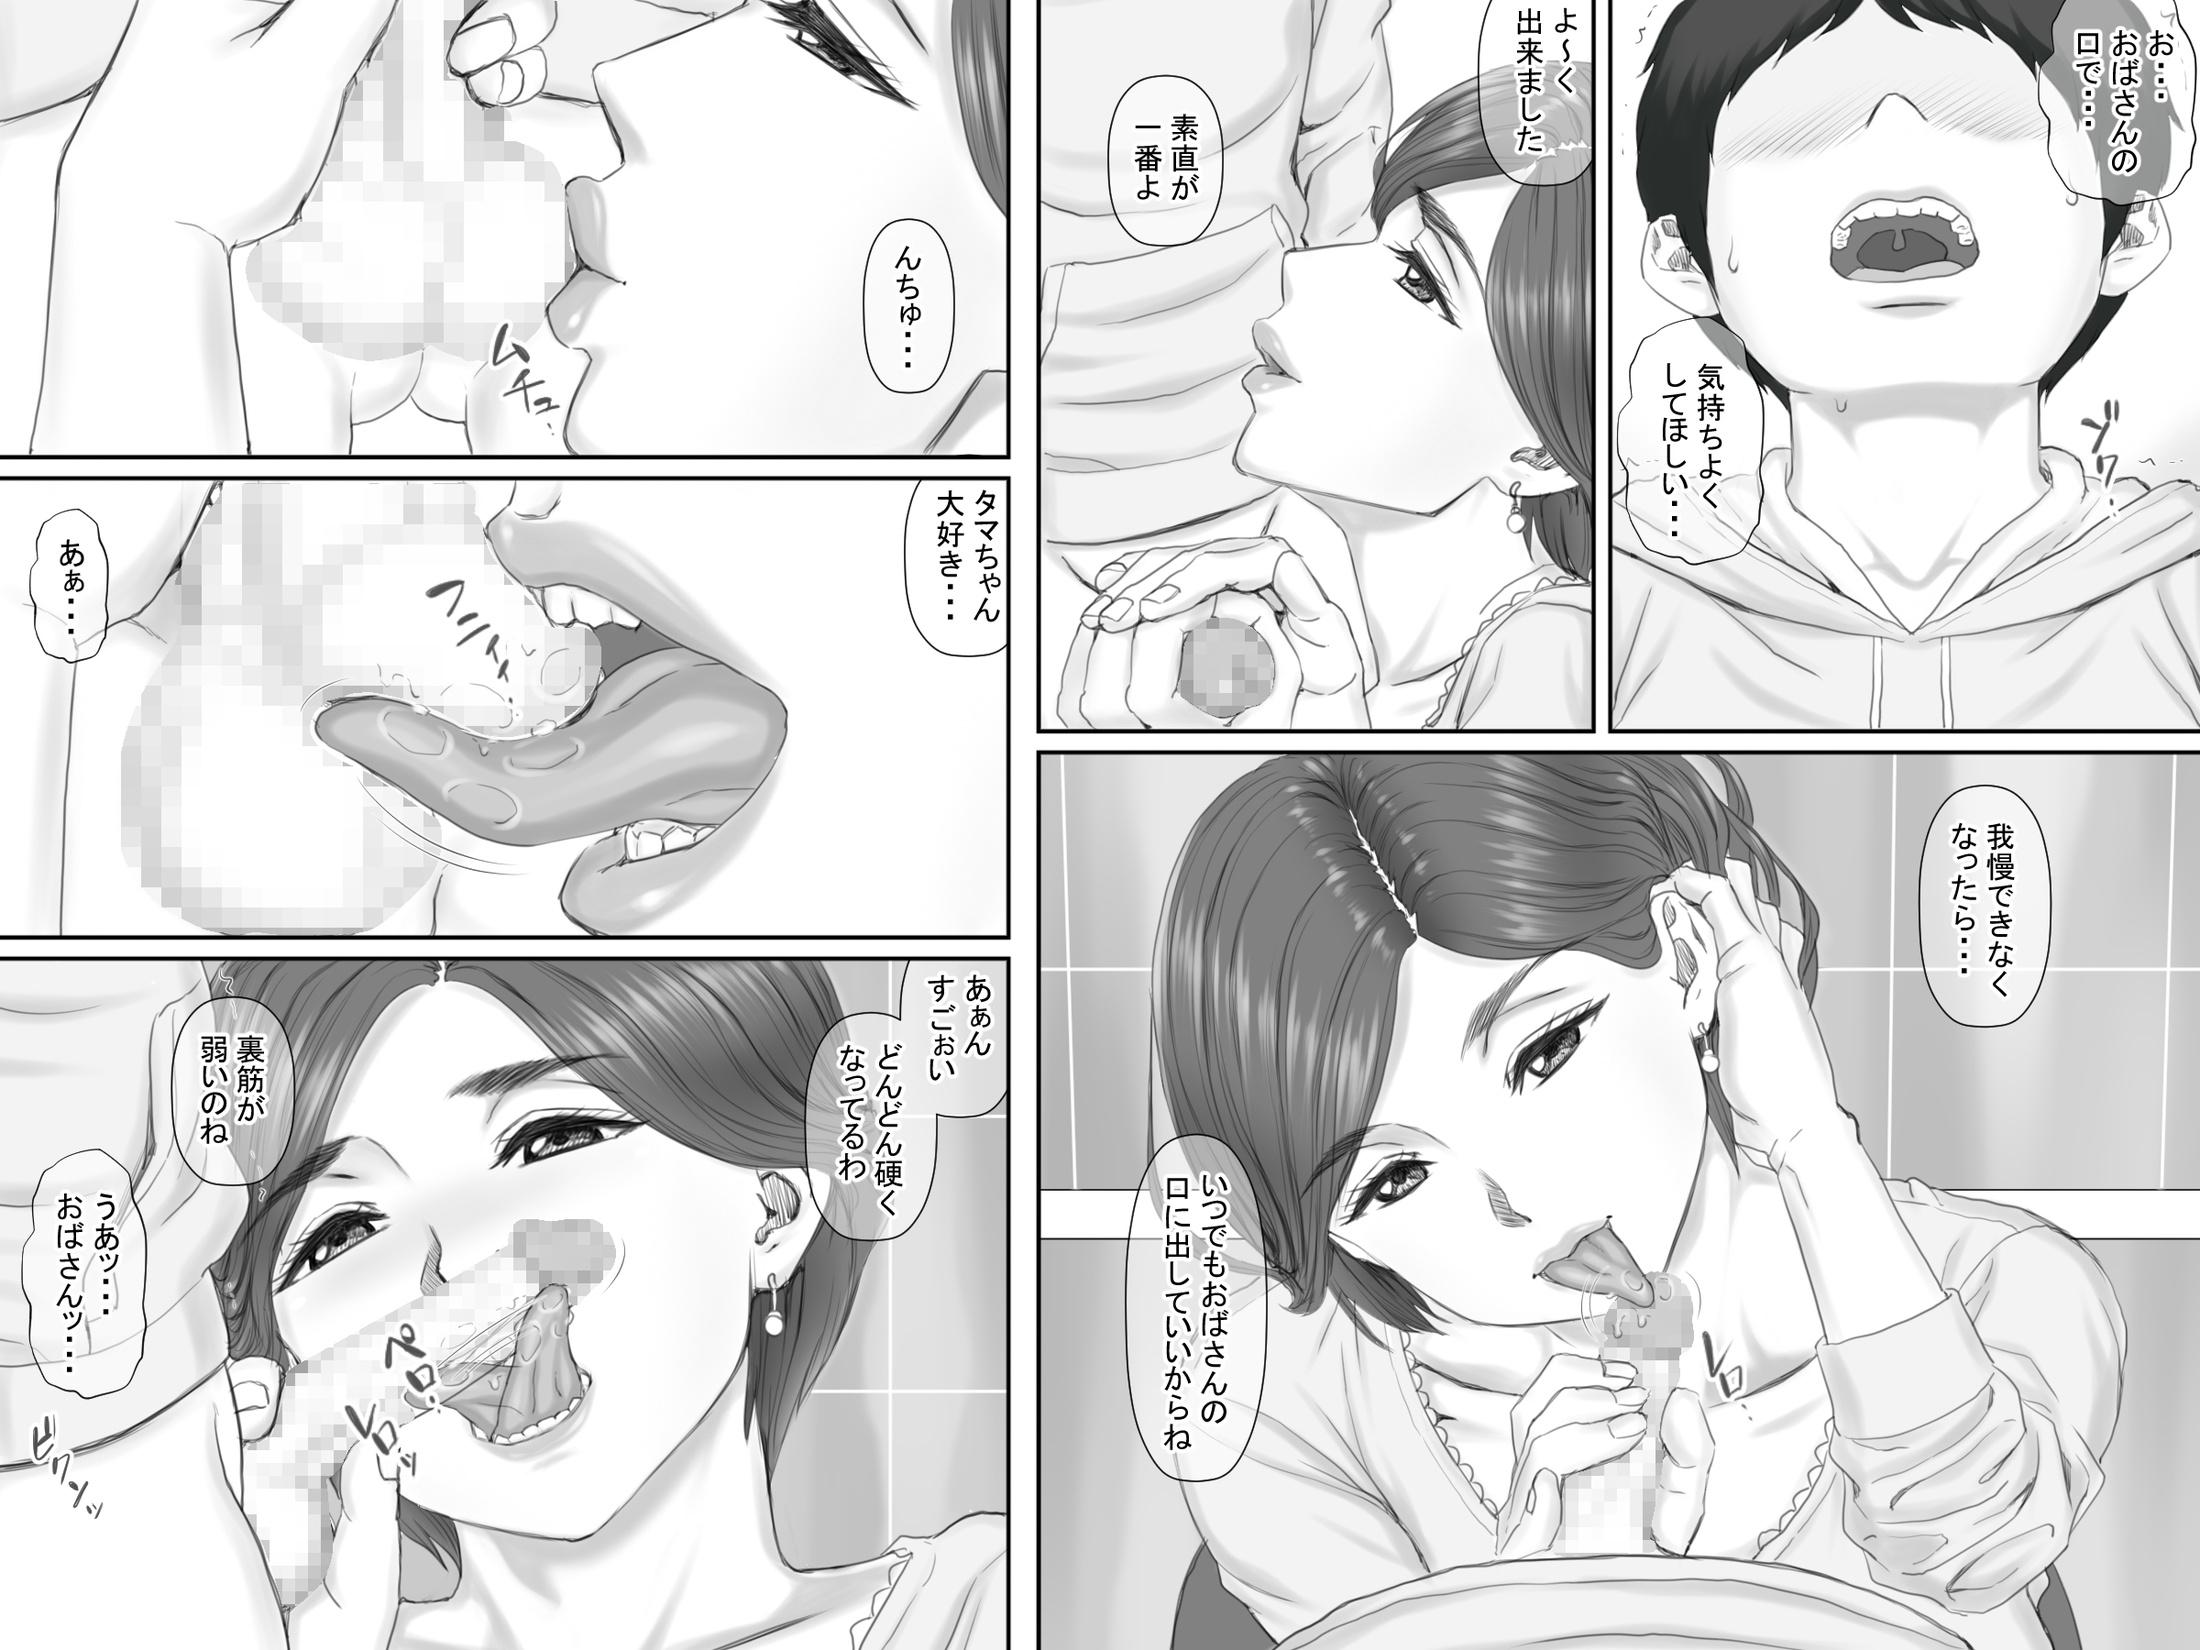 【エロ漫画・エロ同人誌】巨乳人妻と付き合ってエッチしてるショタっ子www ボクの彼女は40歳の人妻でママの友達 (18)